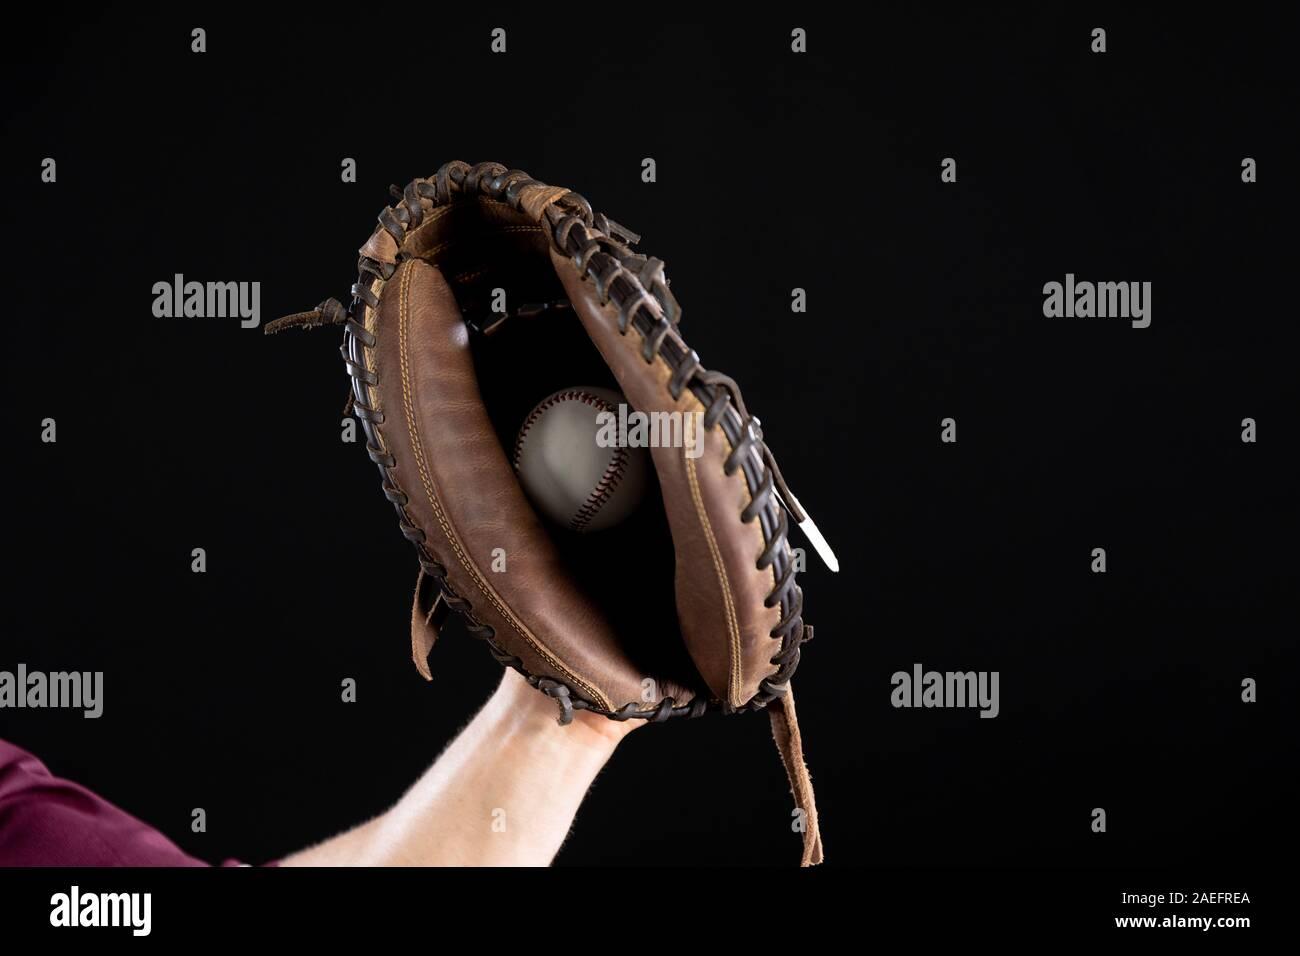 Joueur de baseball Banque D'Images